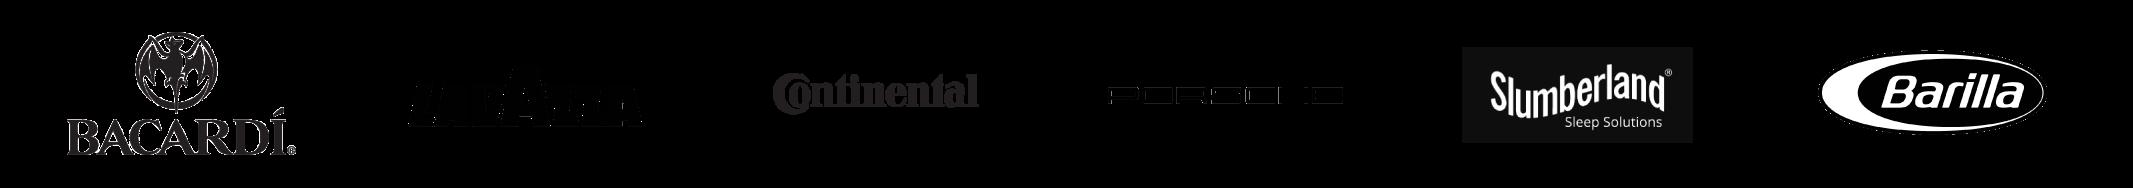 logos2-72.png